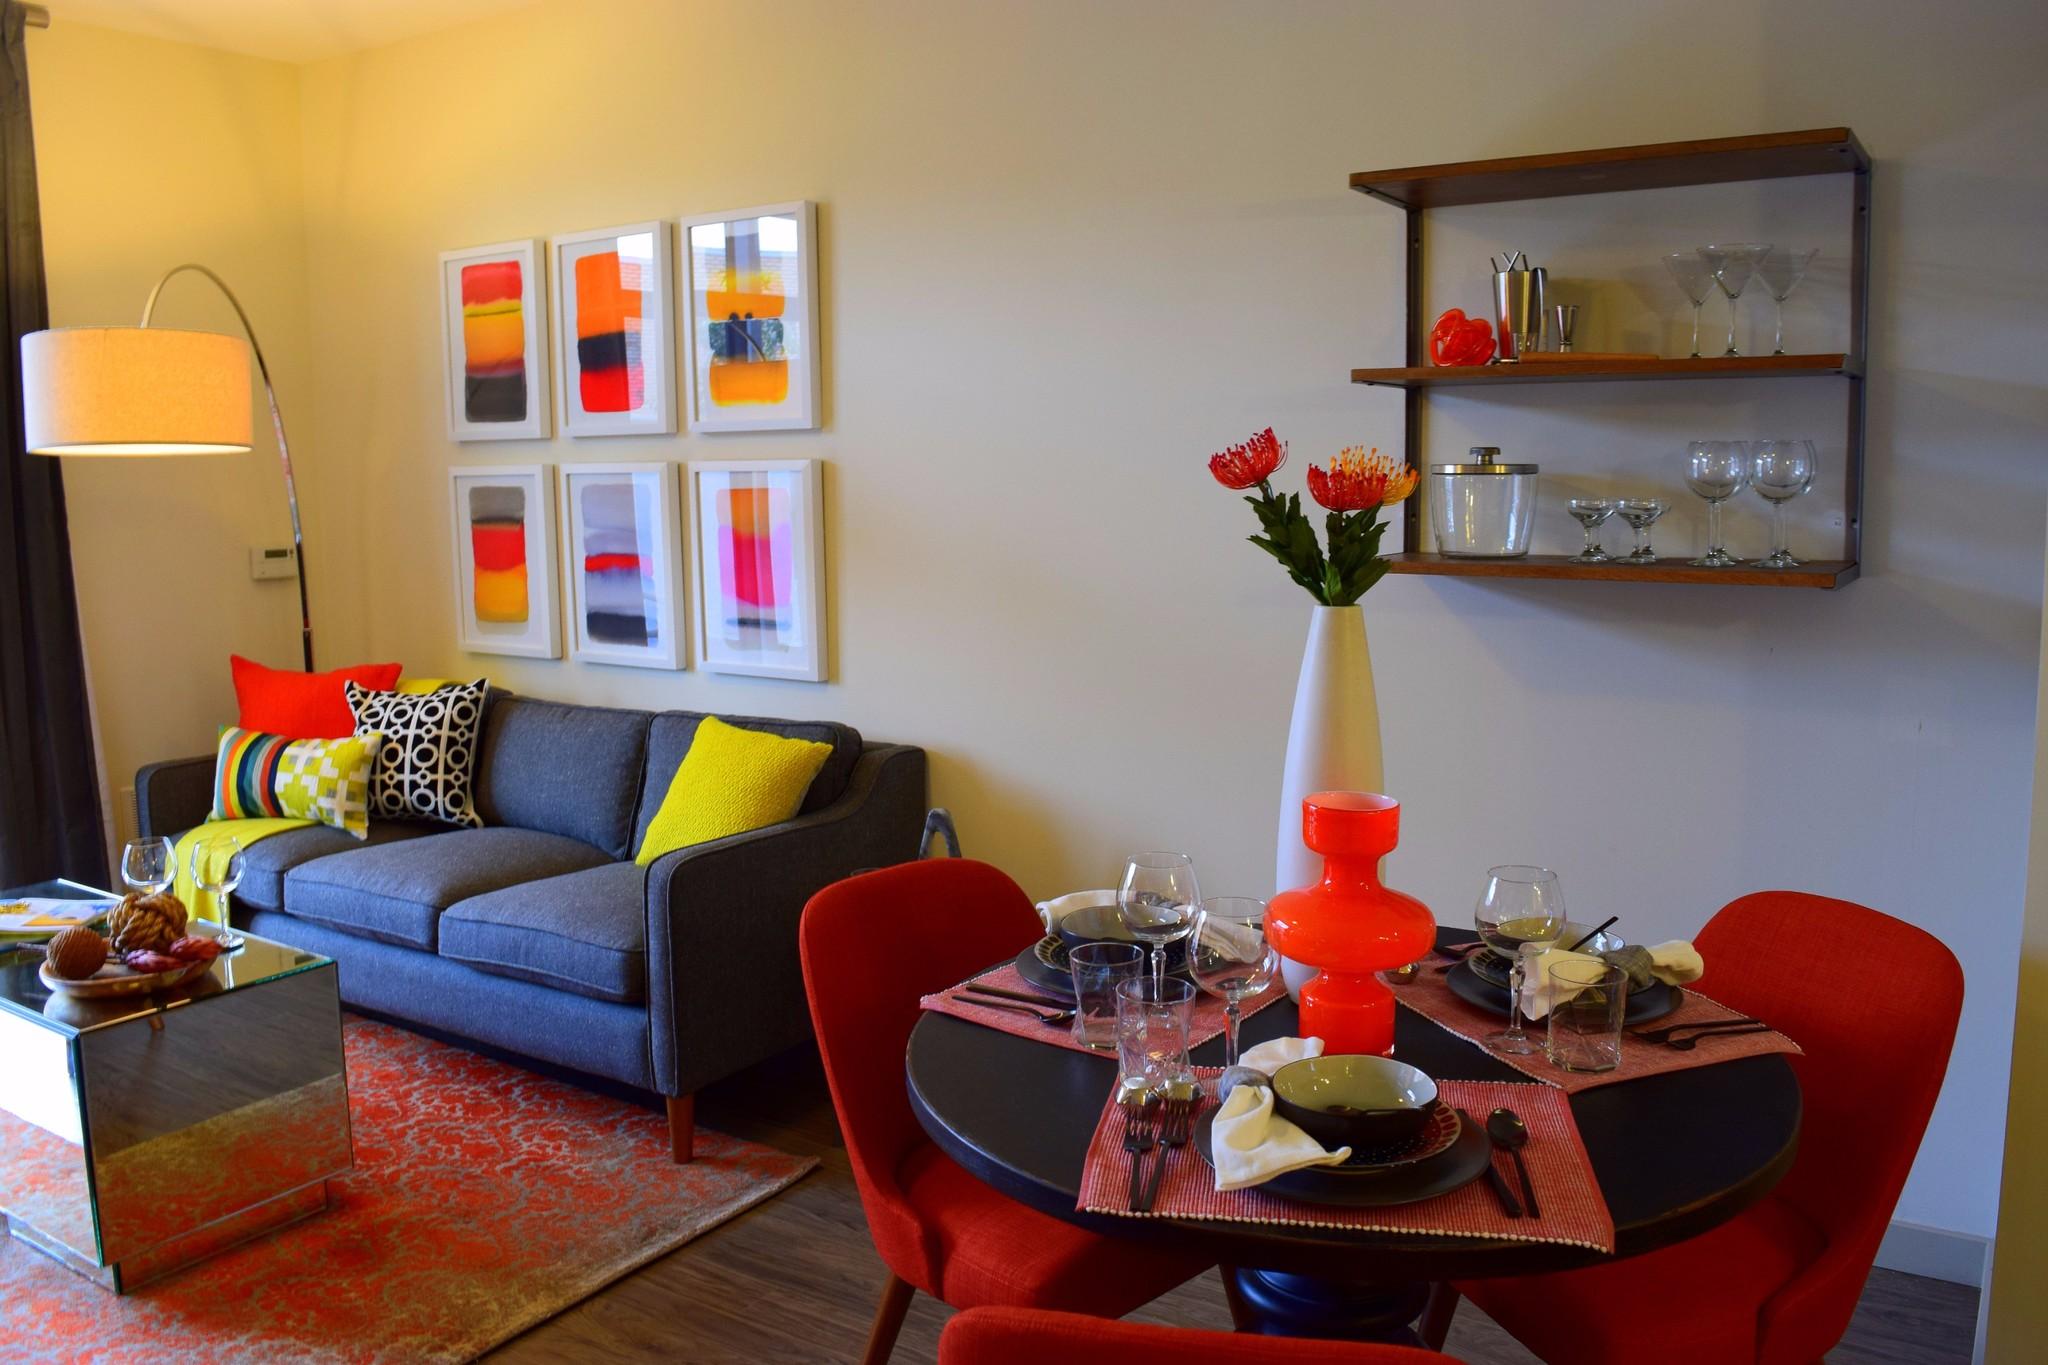 7001 Arlington at Bethesda Apartments image 6